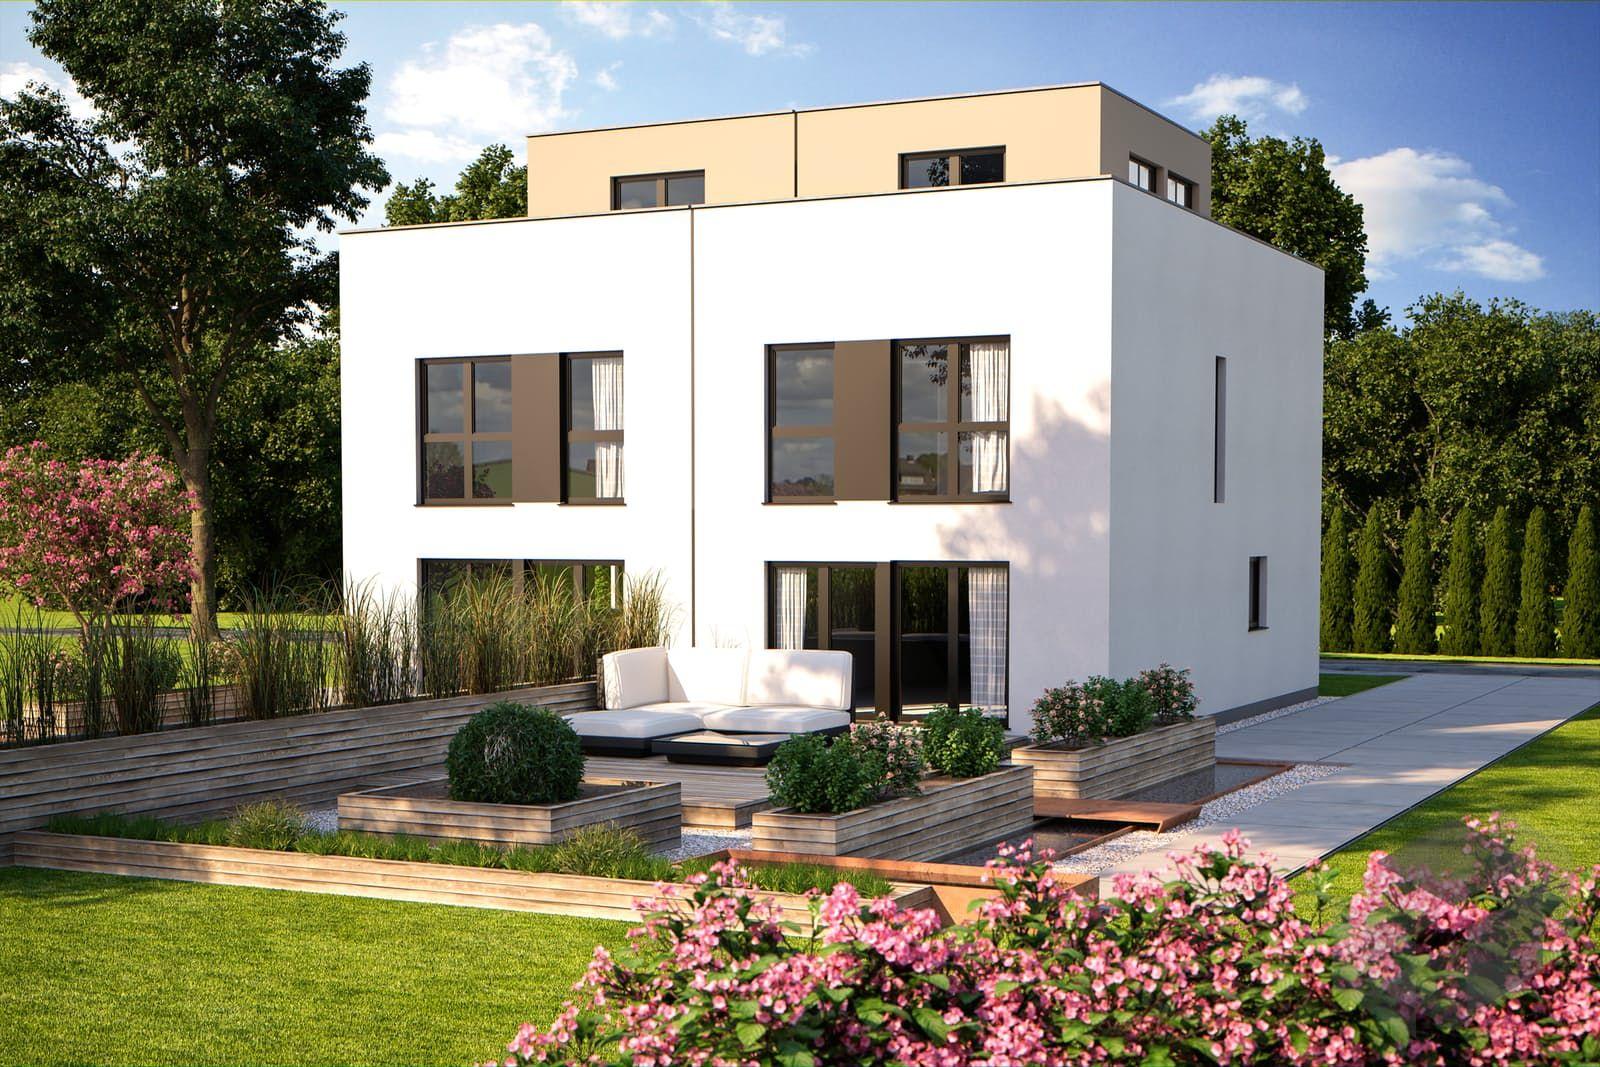 Auswahl von dreigeschossigen Häusern findest Du beim